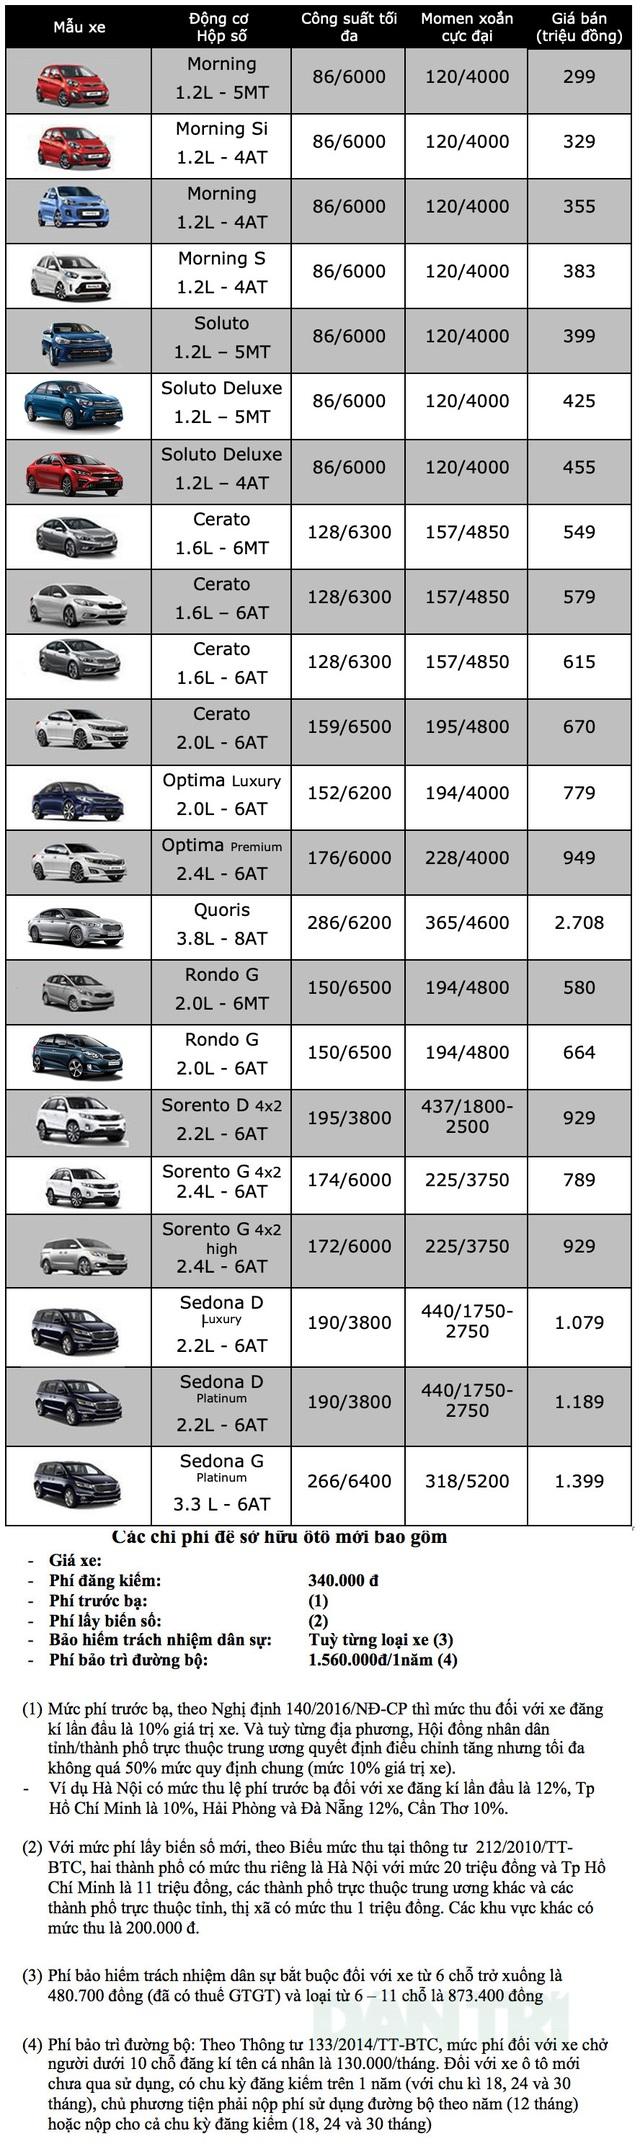 Bảng giá KIA cập nhật tháng 10/2019 - 1